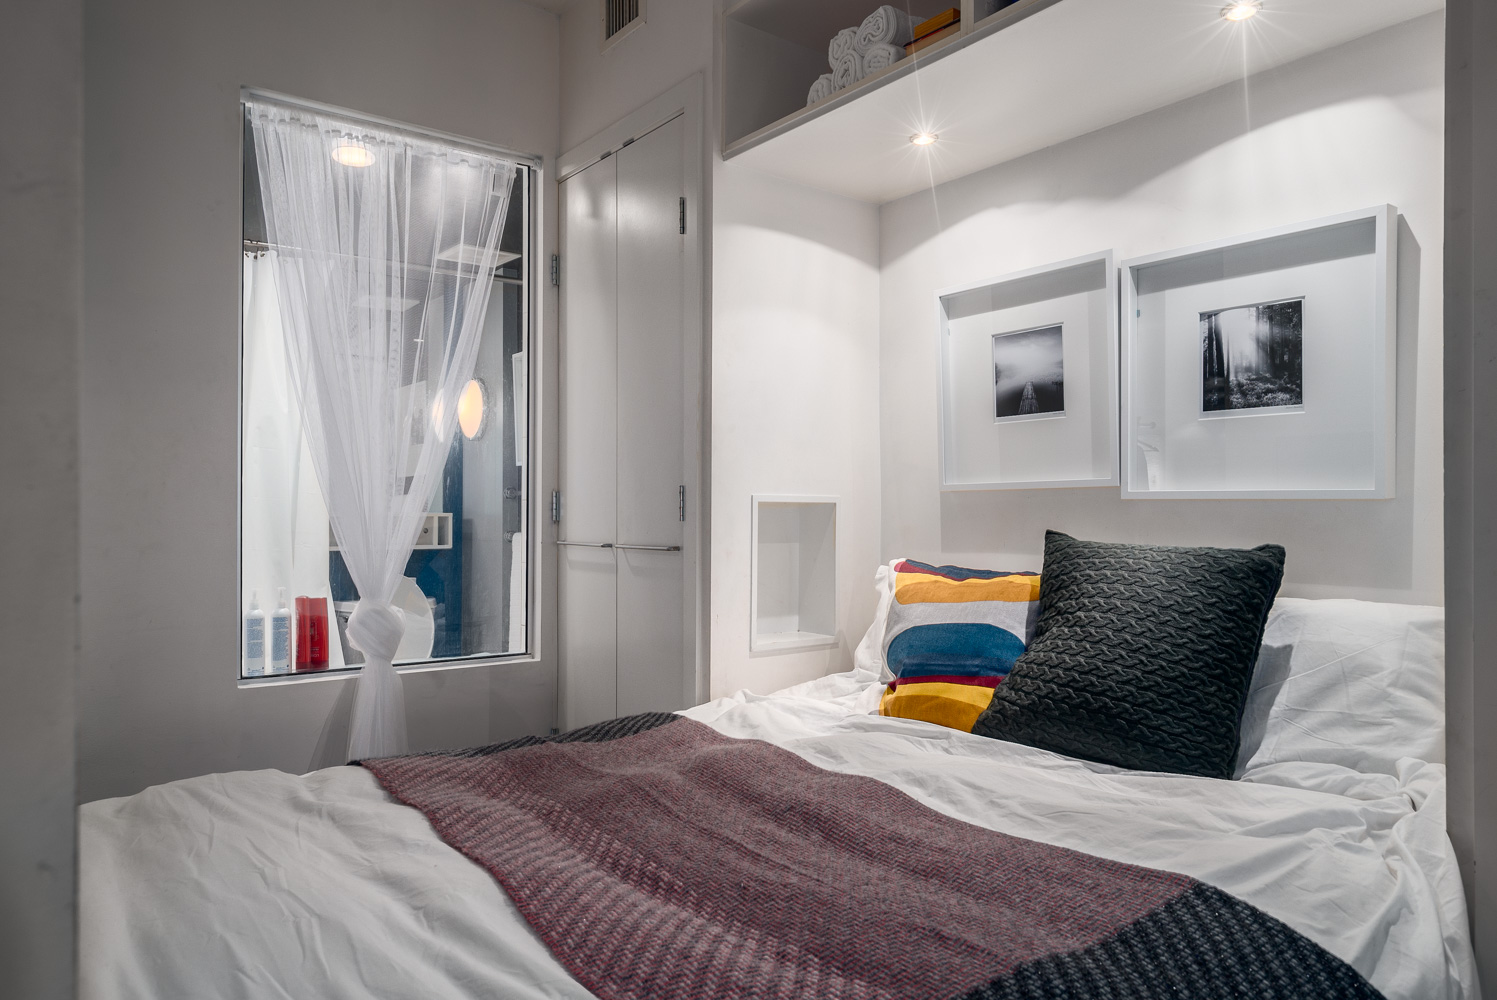 Famous Alda Pierra Designed His/Her walkthrough bedroom area with barn doors